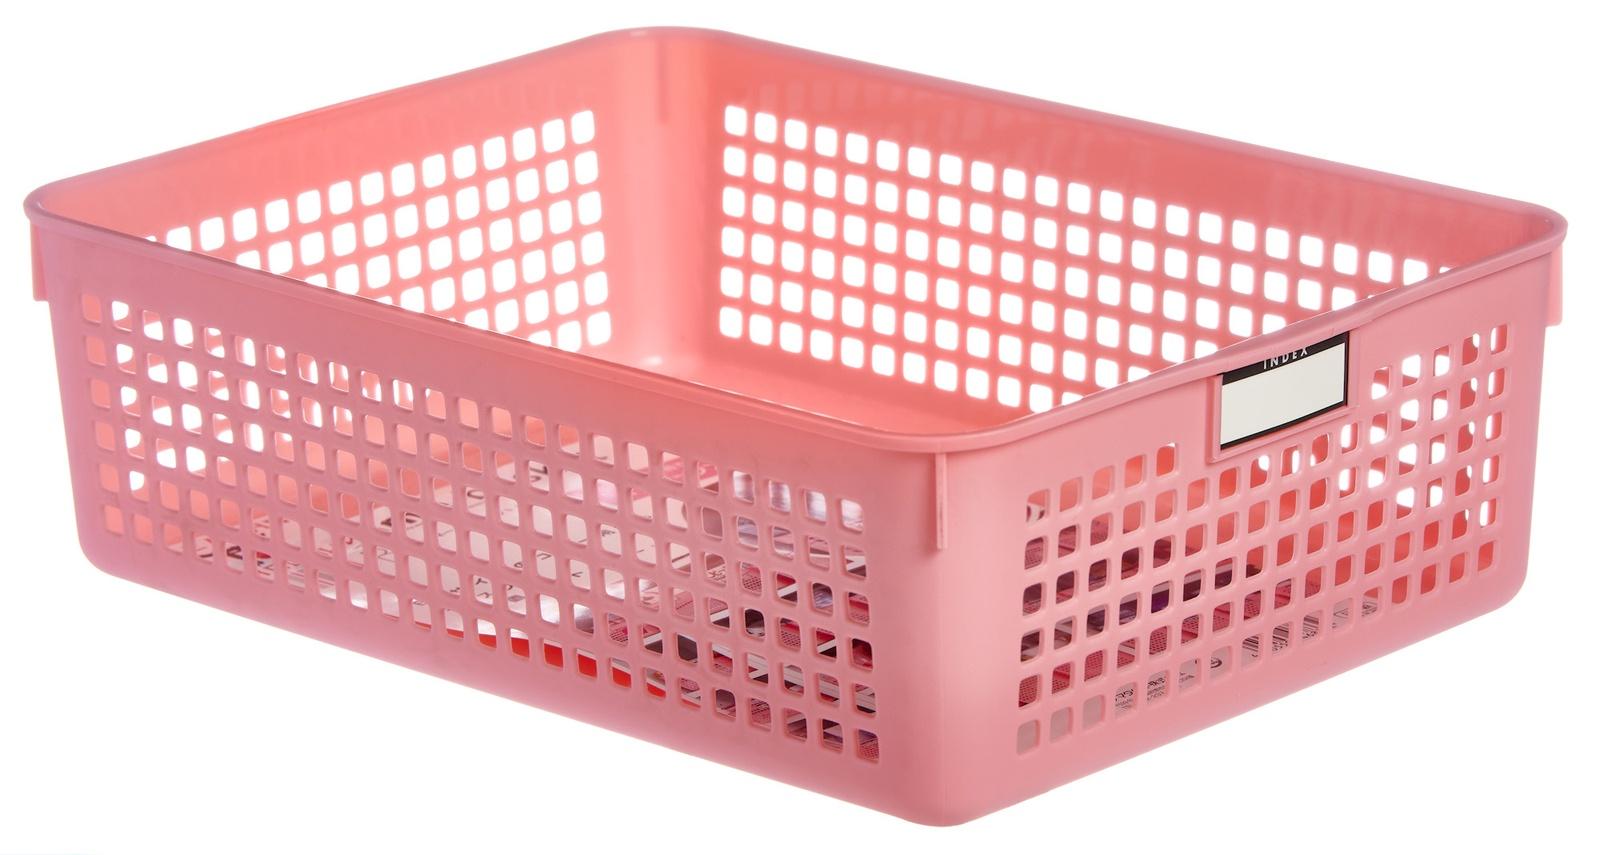 Корзина для хранения INOMATA, 4583P, розовый, 210х290х90 мм4583PКрасивая и стильная корзина для хранения вещей идеально впишется в интерьер любой квартиры, сэкономит место, добавит ярких акцентов в дизайн. Корзина подойдет для хранения журналов, детских игрушек, материалов для творчества и многого другого. Сделано в Японии.